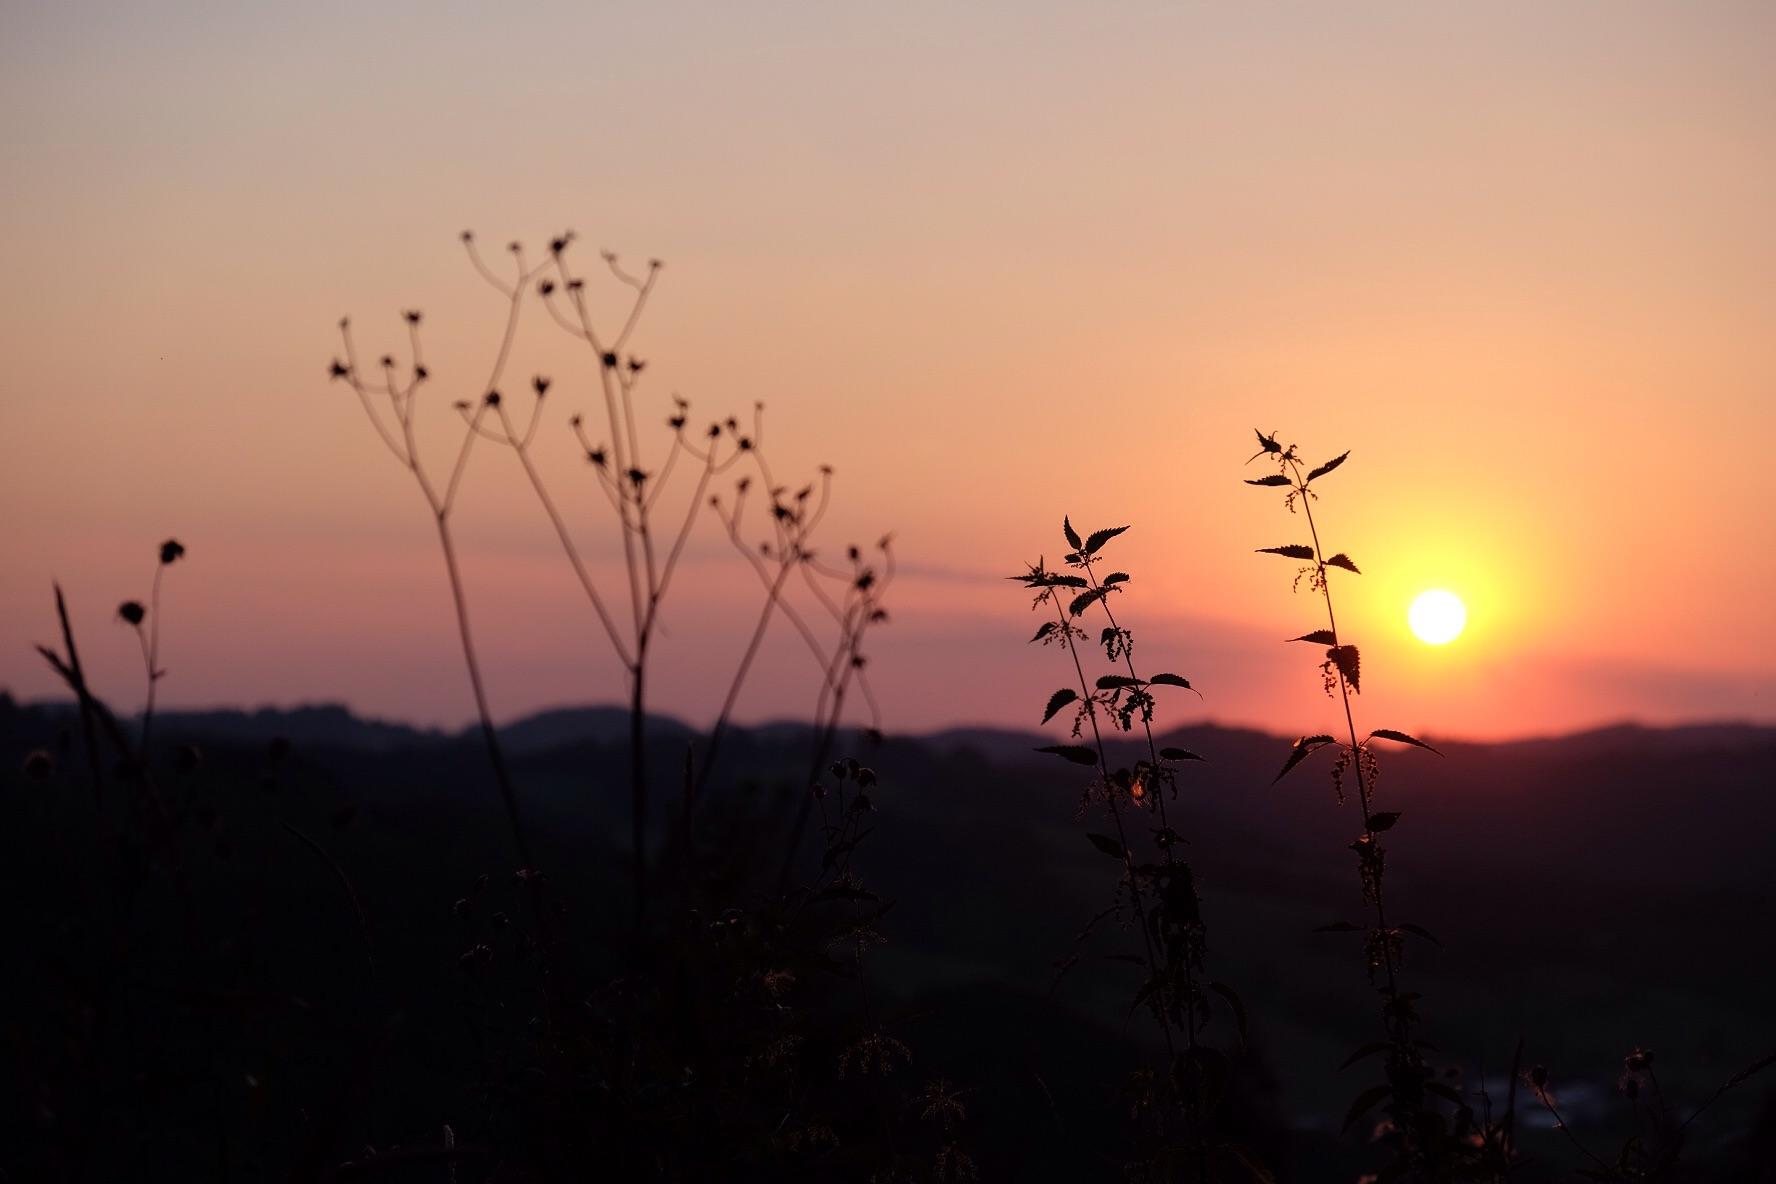 Le soleil se couche sur les collines